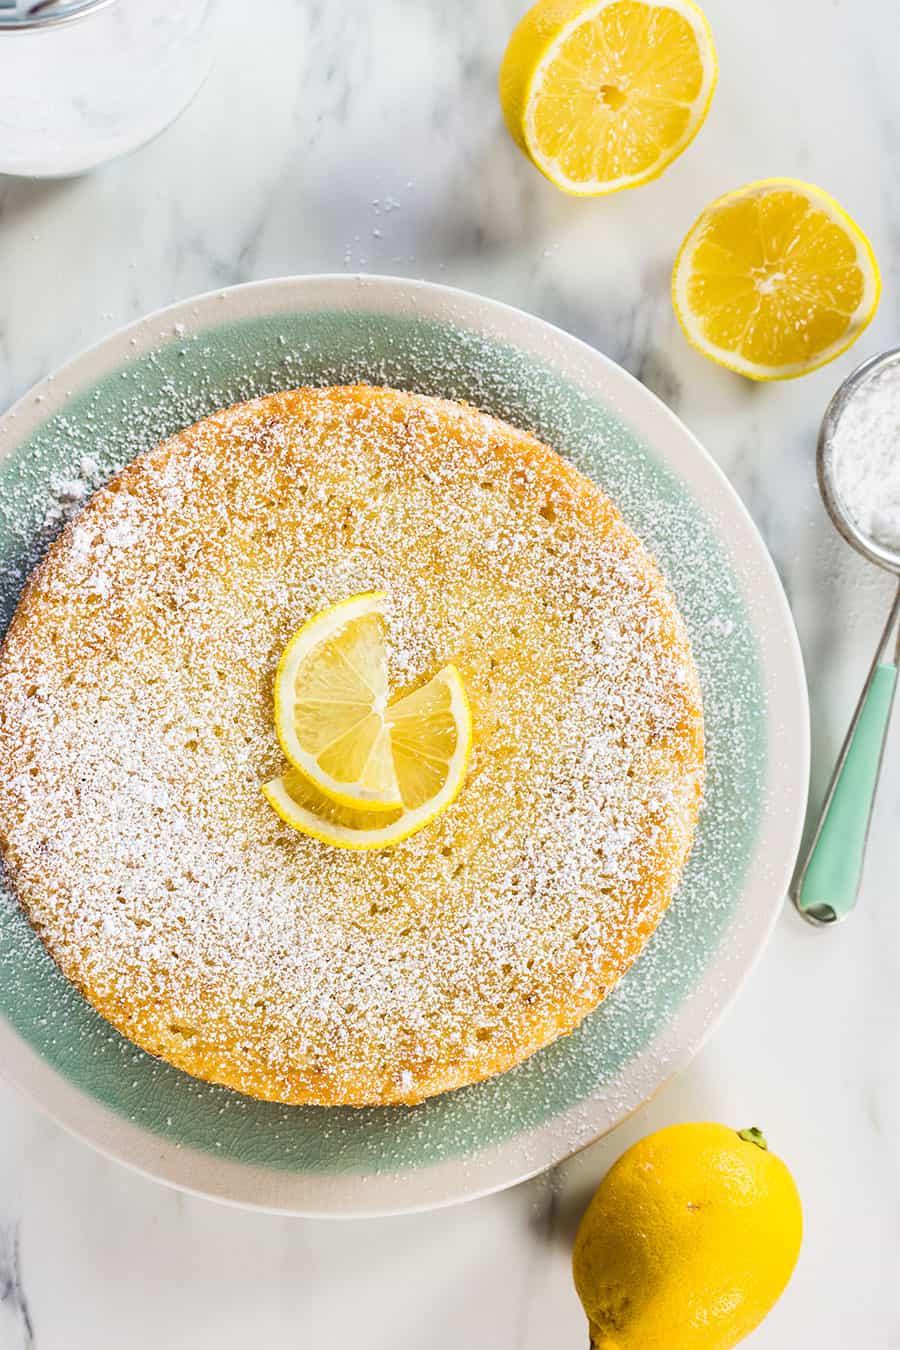 Bizcocho de ricotta y limón en un plato turquesa con limones cortados alrededor.